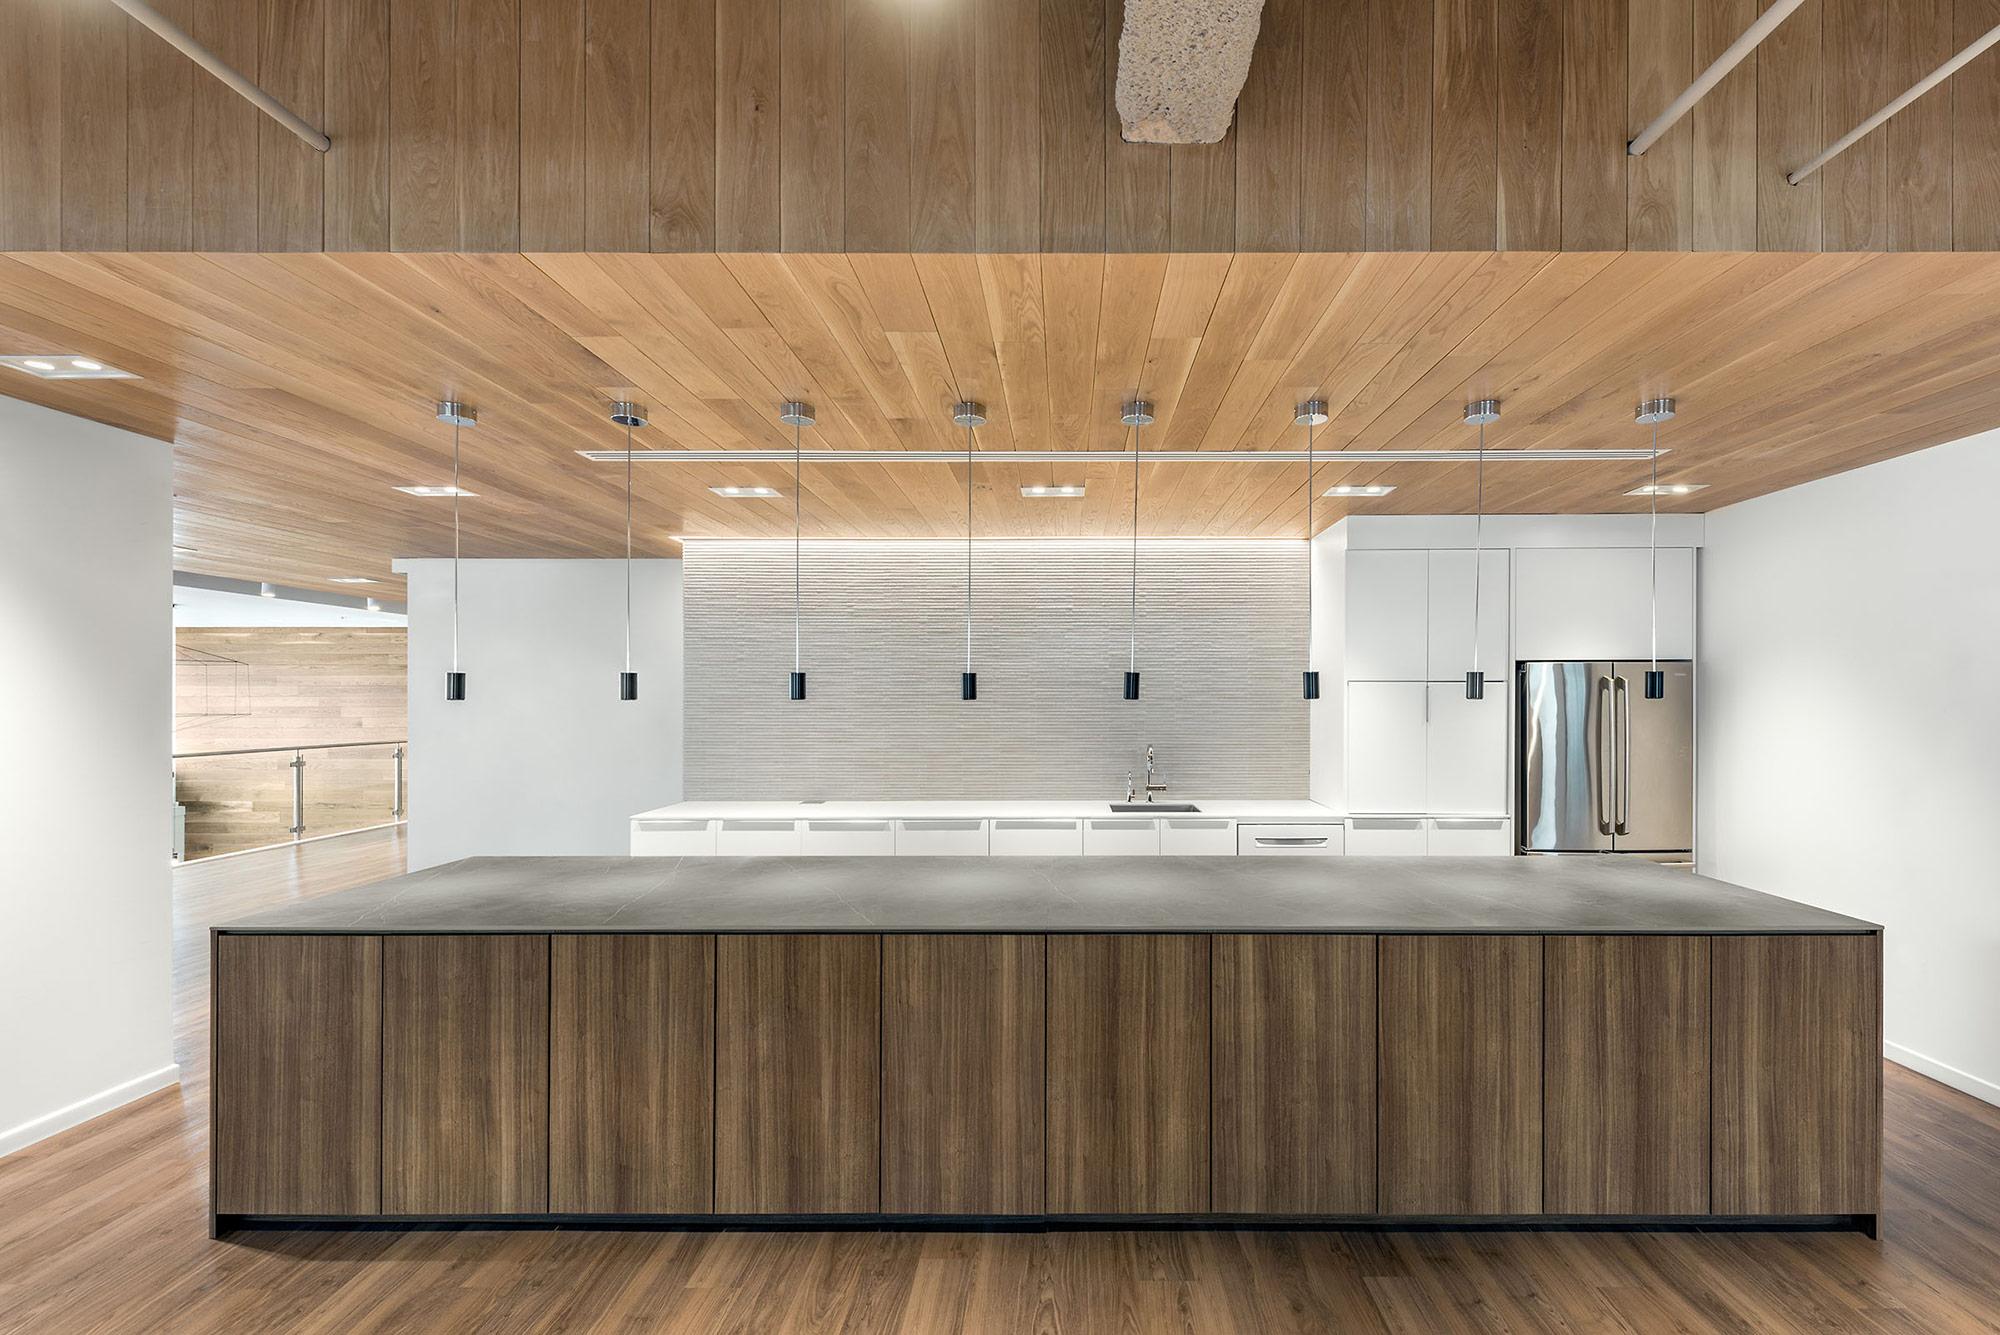 interior-design-financial-services-kitchen.jpg